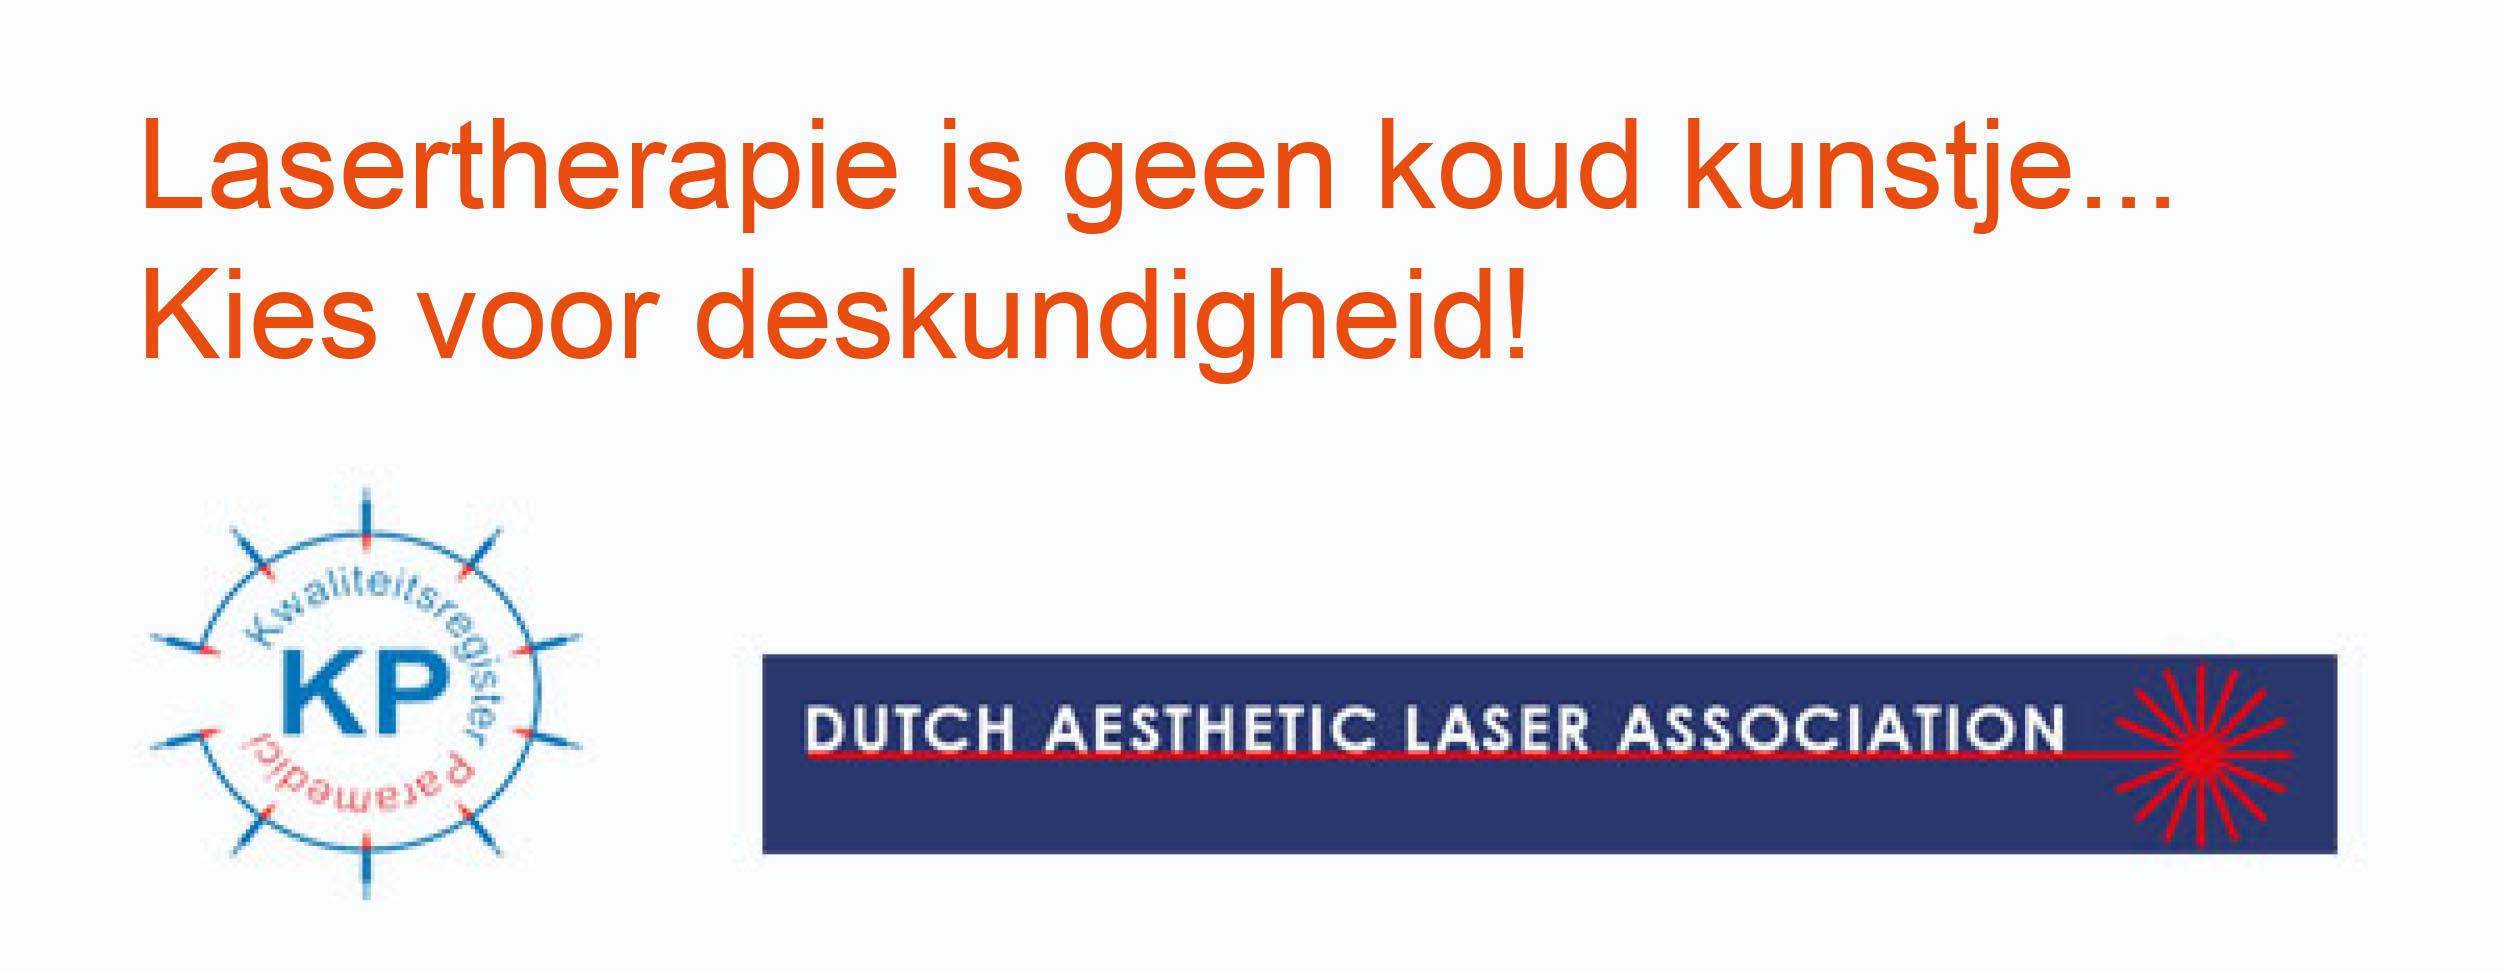 Lasertherapie is geen koud kunstje..., kies voor deskundigheid!